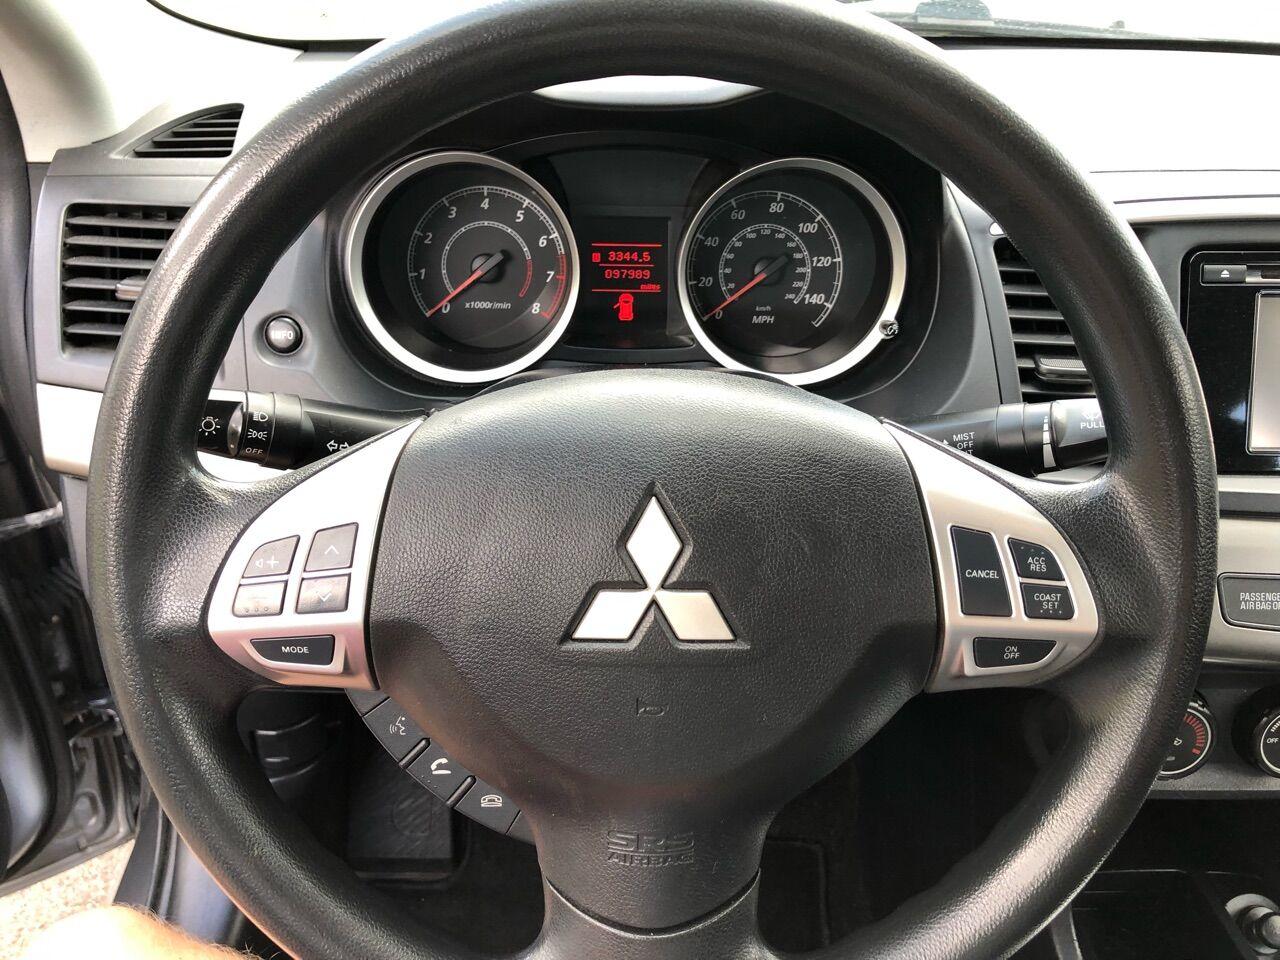 2014 Mitsubishi Lancer 4dr Car